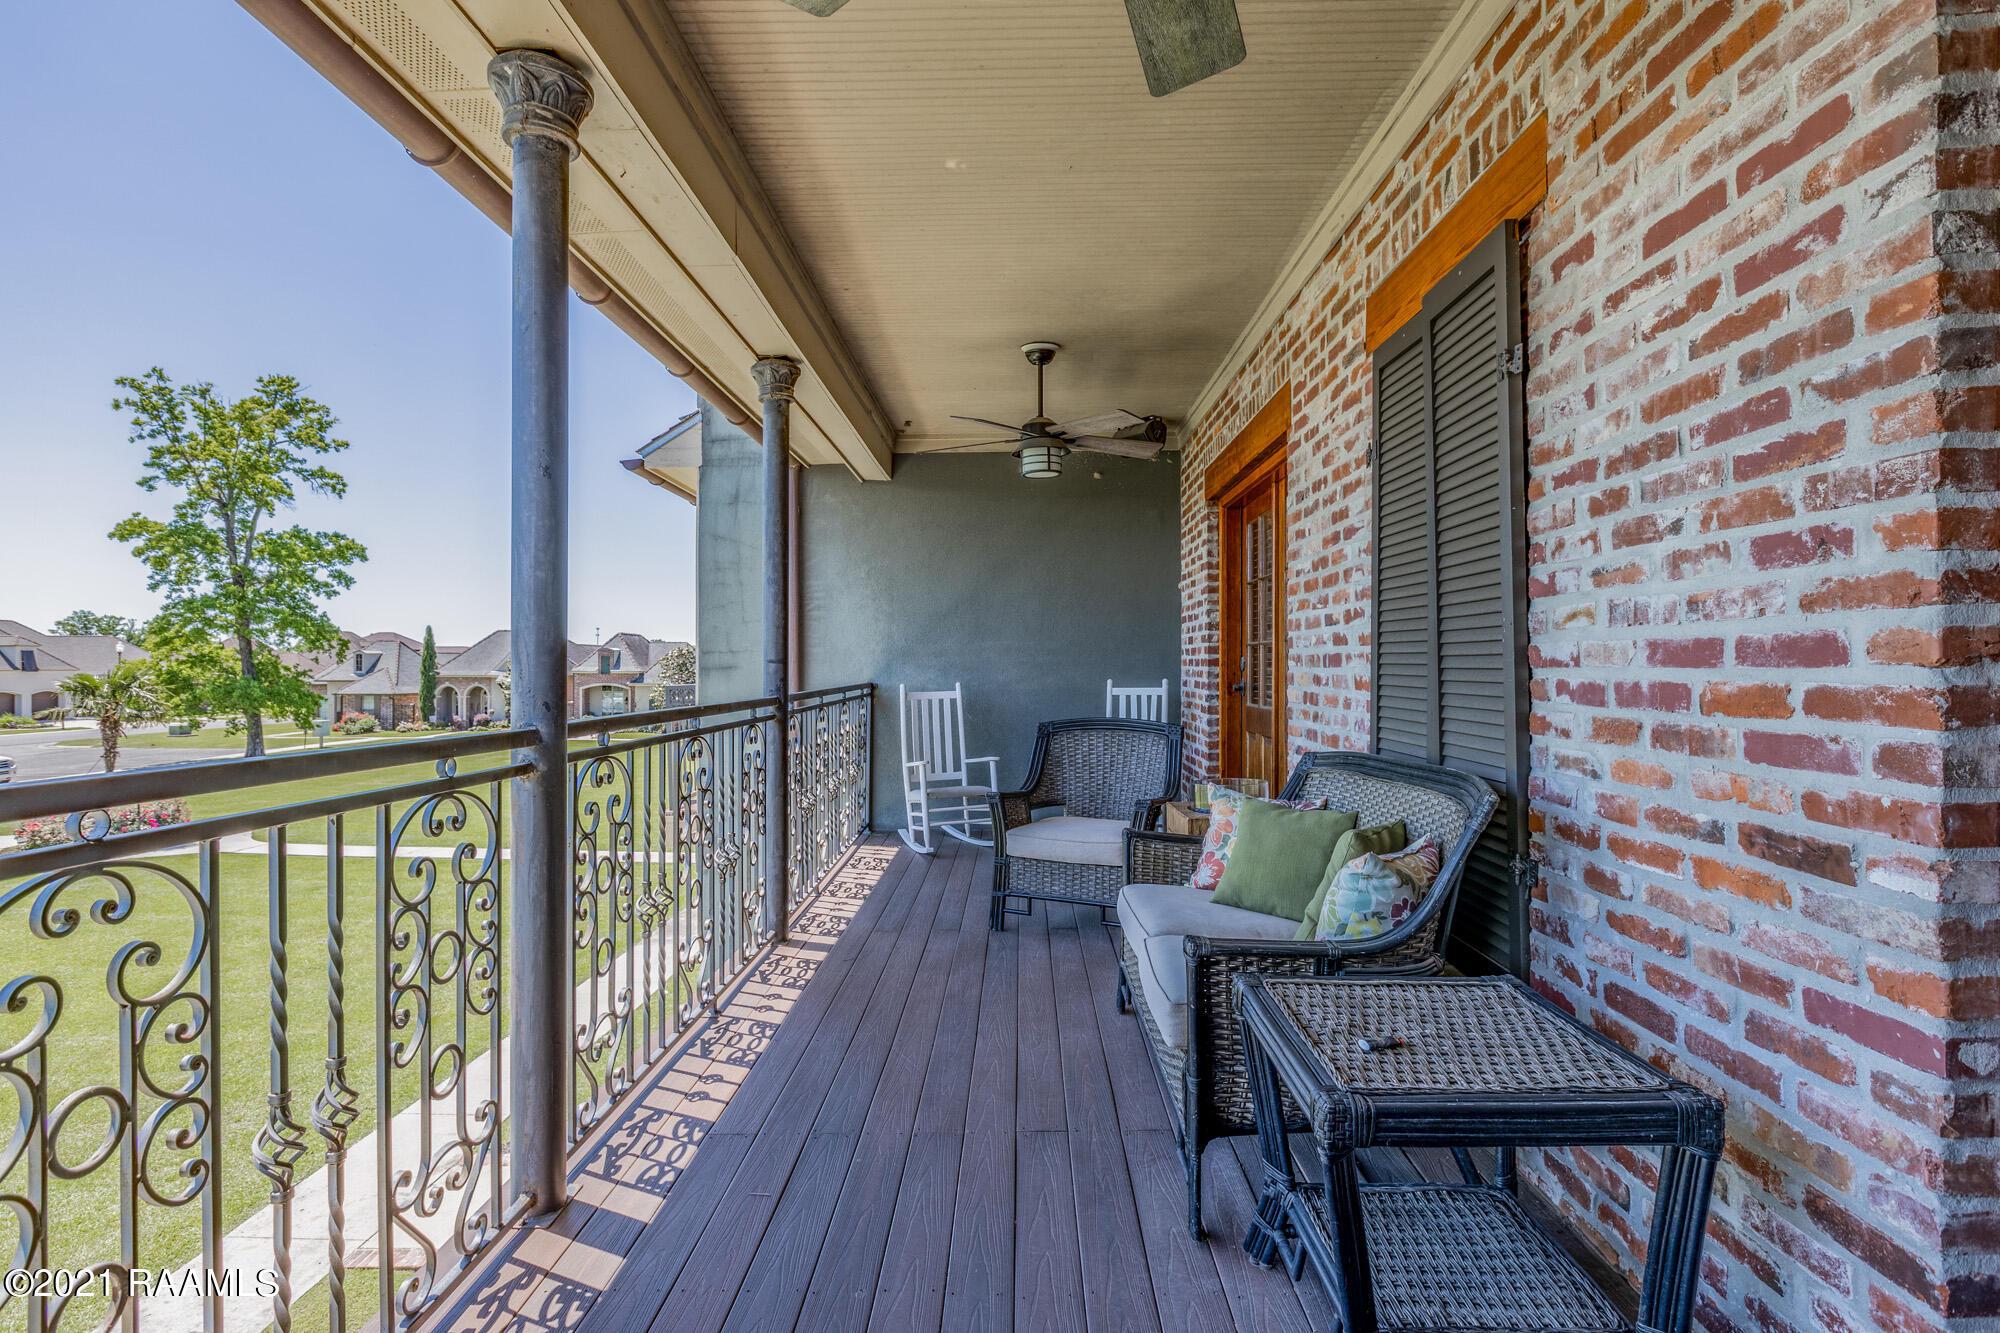 134 Brightwood Drive, Lafayette, LA 70508 Photo #2